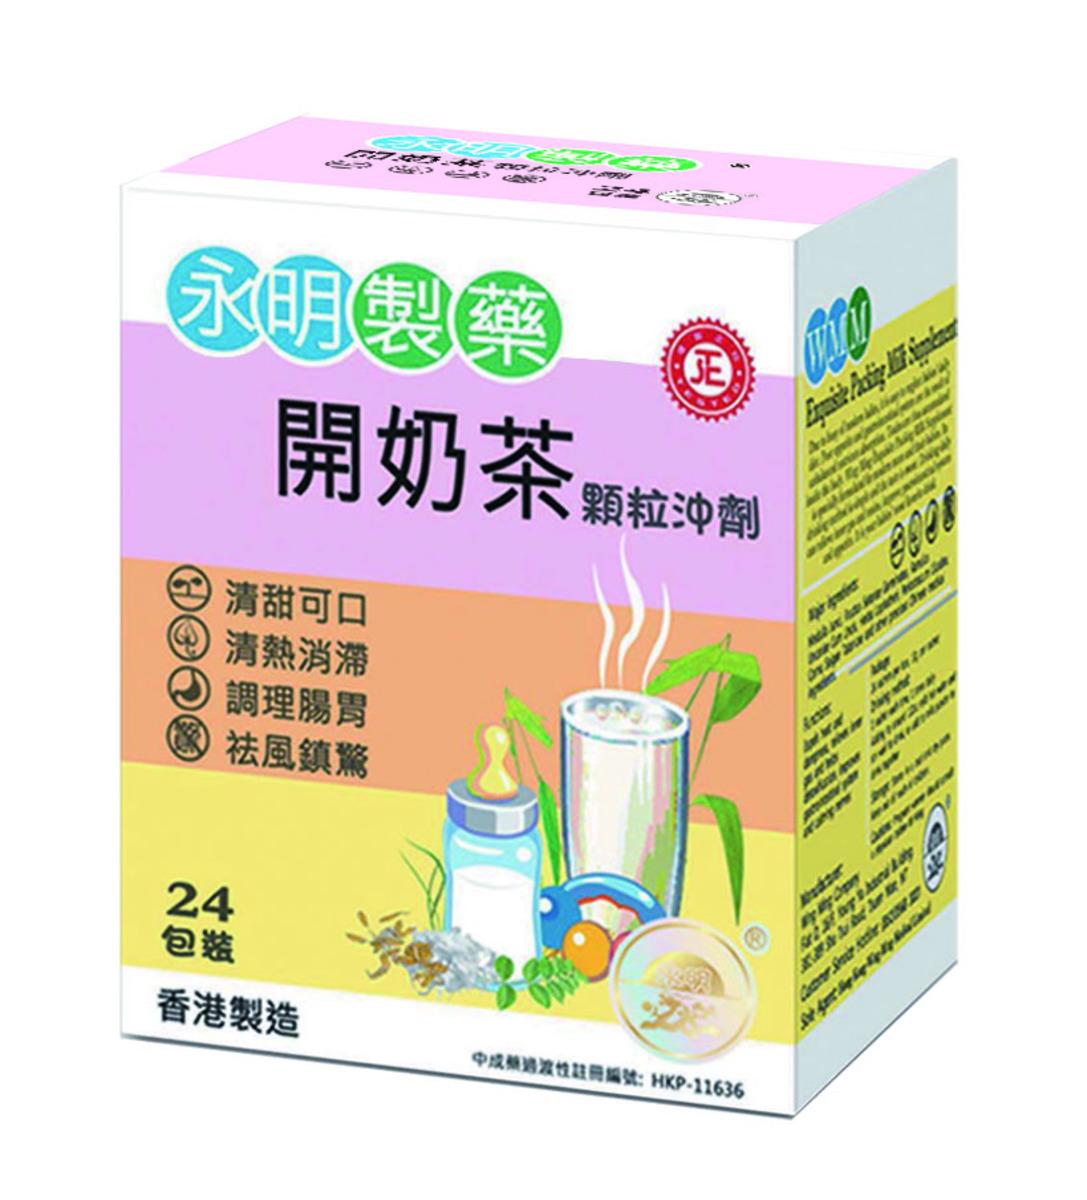 Exquisite Packing Milk  Supplement (Pellet Dose) 24'S (E-voucher redemption at HKBPE)